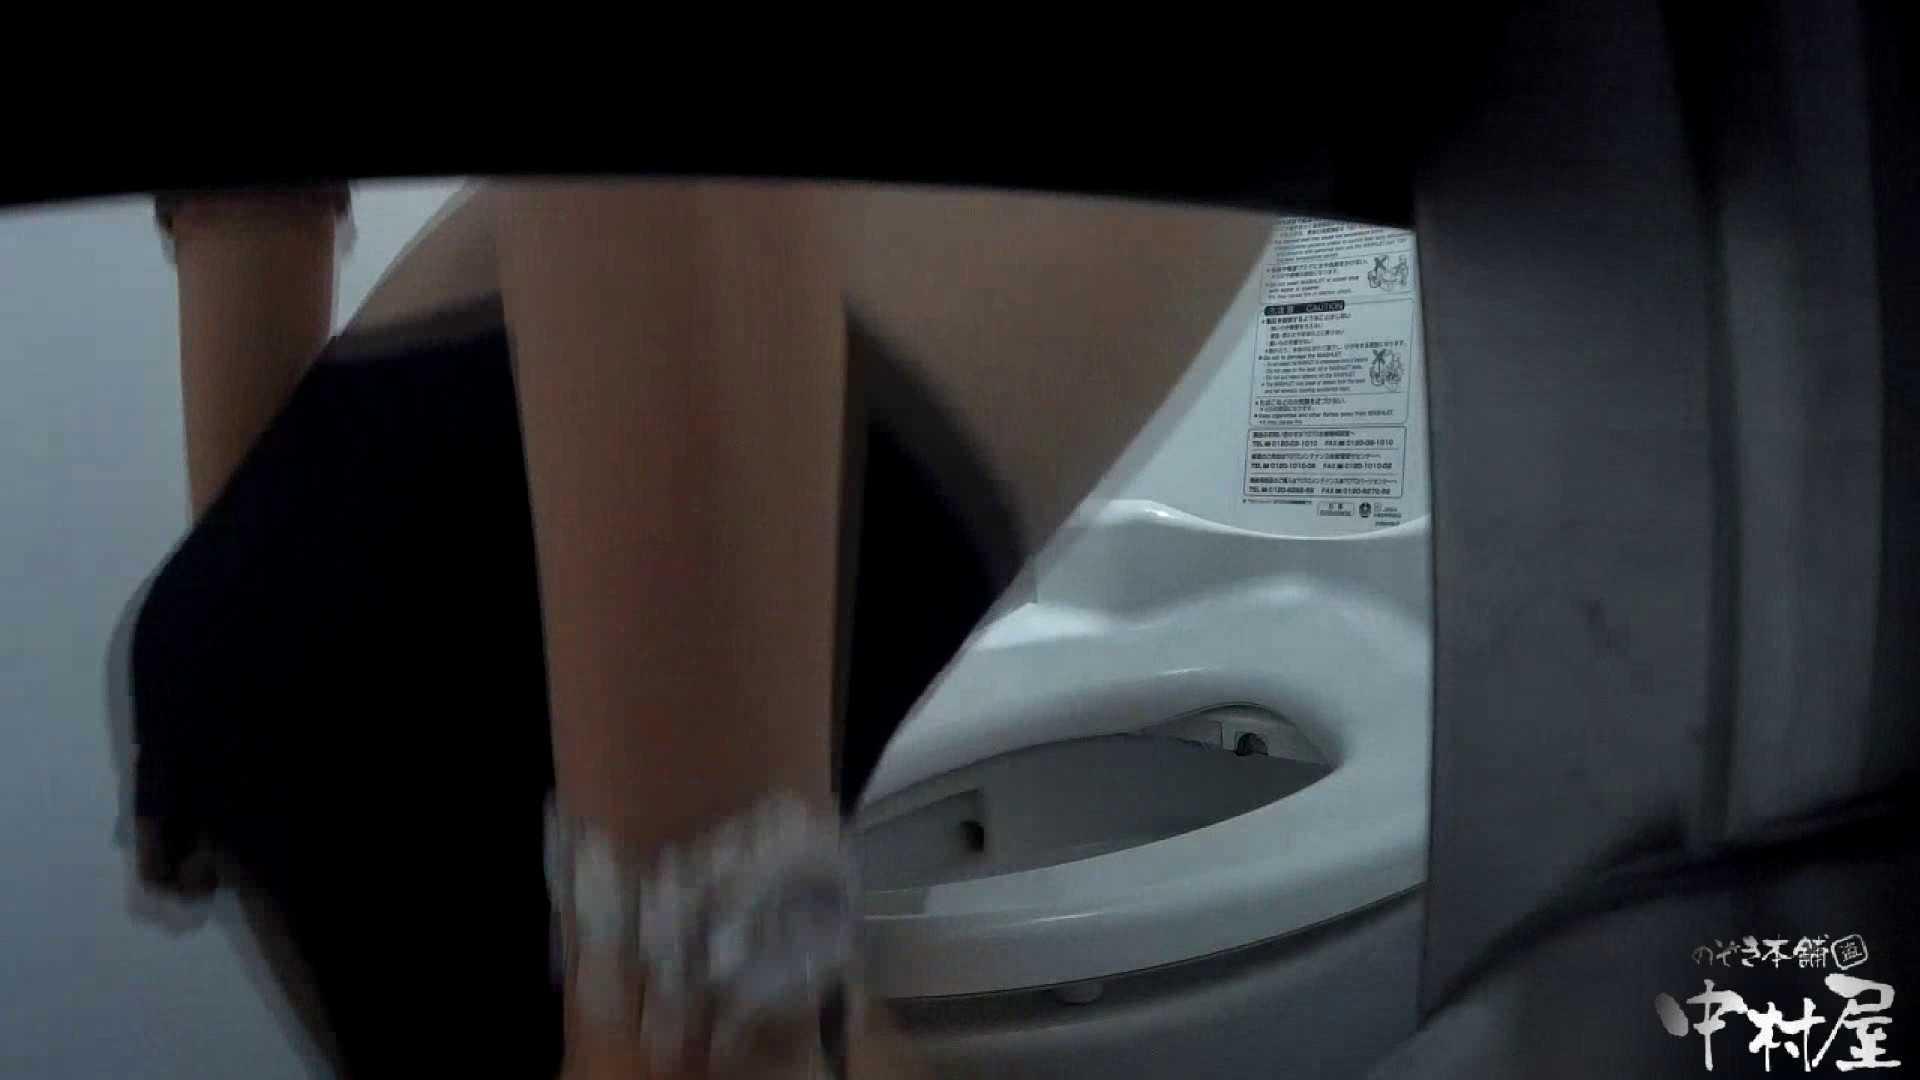 【某有名大学女性洗面所】有名大学女性洗面所 vol.43 いつみても神秘的な世界です。 投稿 アダルト動画キャプチャ 72画像 53